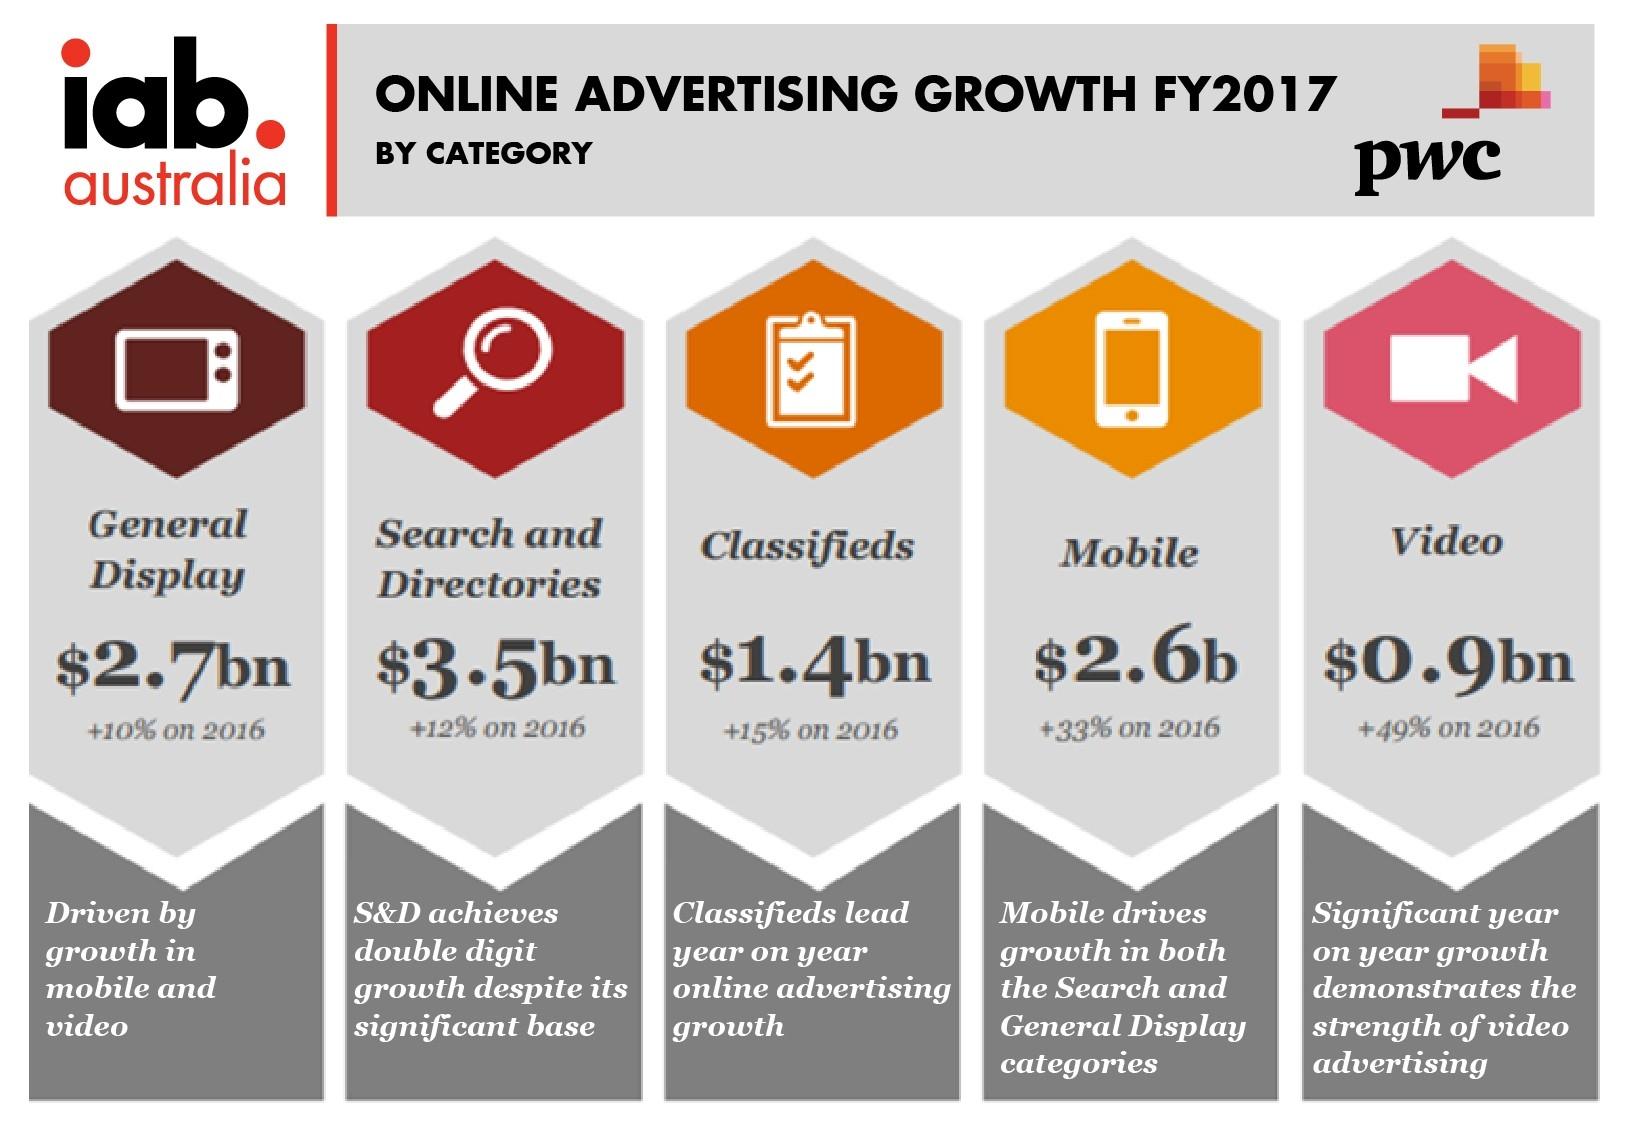 Online Advertising Spend Reaches $7.6 Billion In 2017  Australia Financial Year